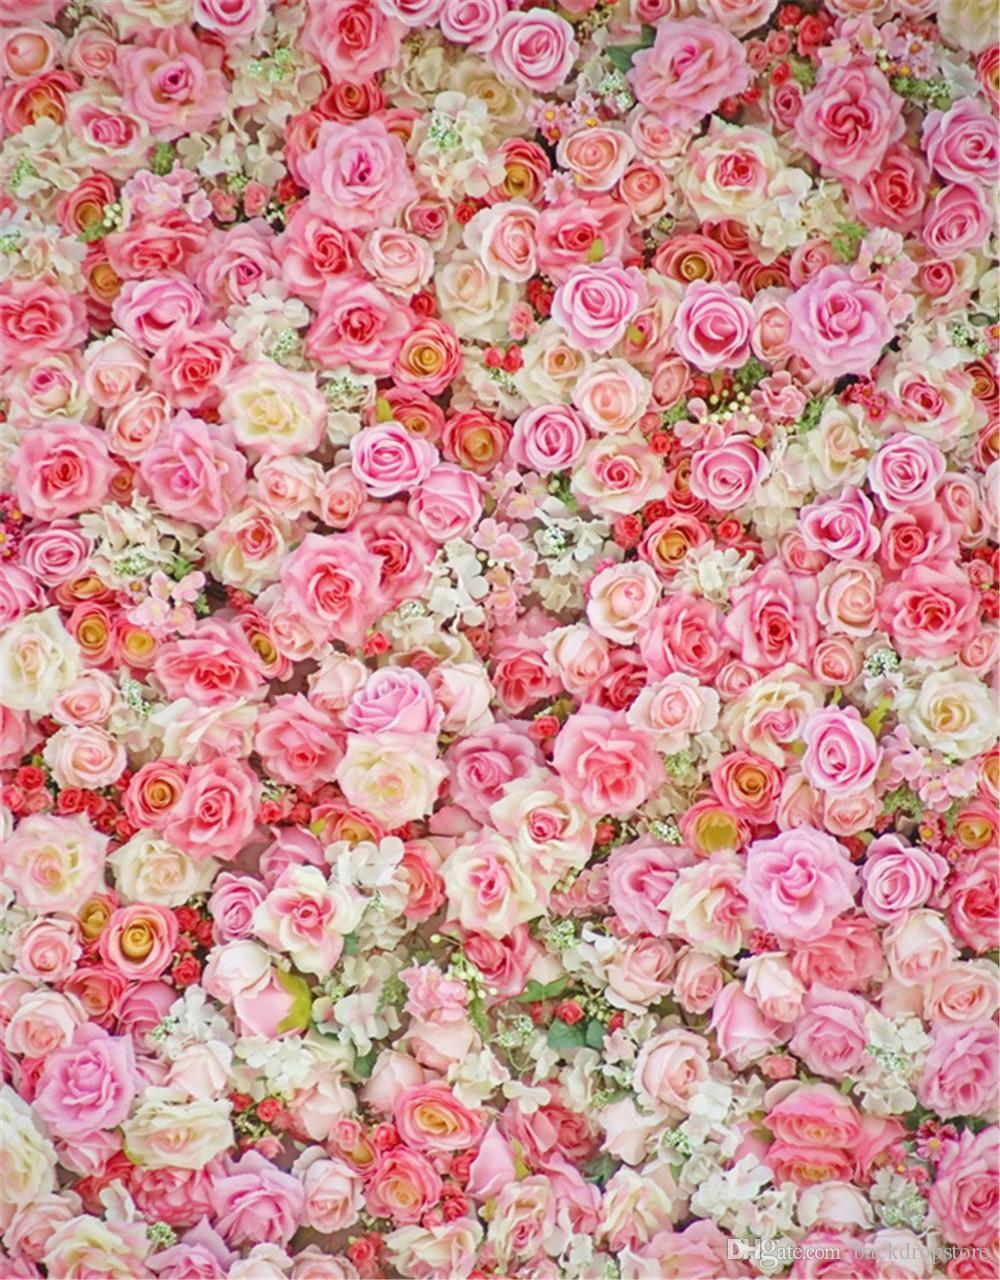 Impressão Digital Rosa Rosas Fotografia De Parede Fundos Bebê Recém-nascido Adereços Fotográficos Dia Dos Namorados Flores Do Casamento Photo Booth Pano De Fundo